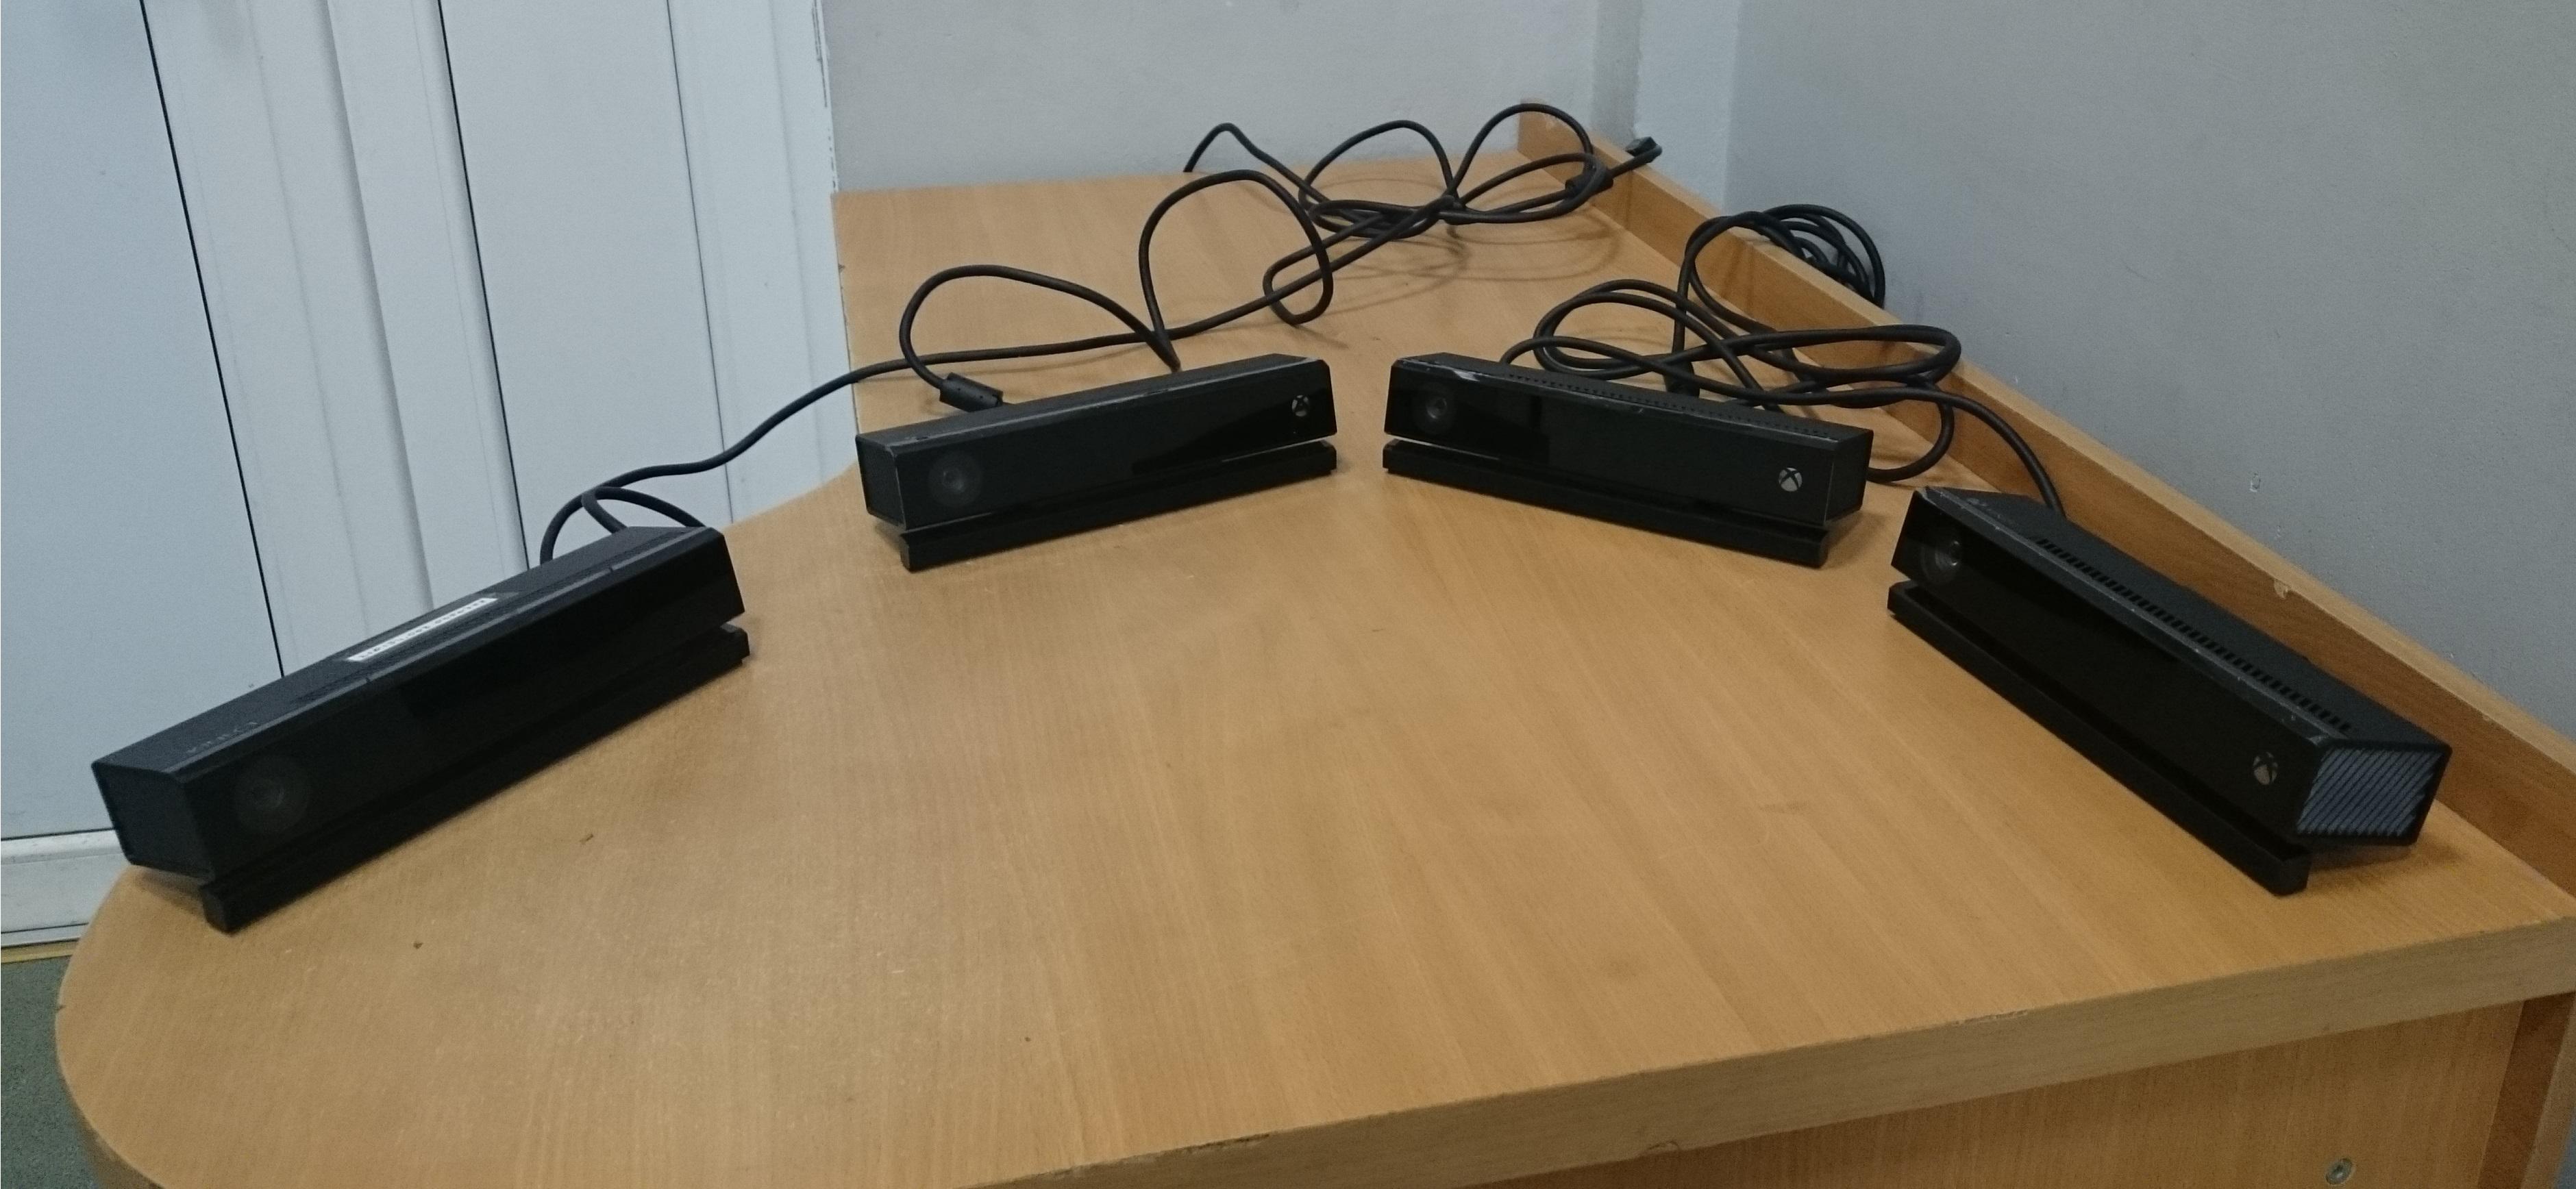 Захват движений с помощью Kinect в Университете ИТМО